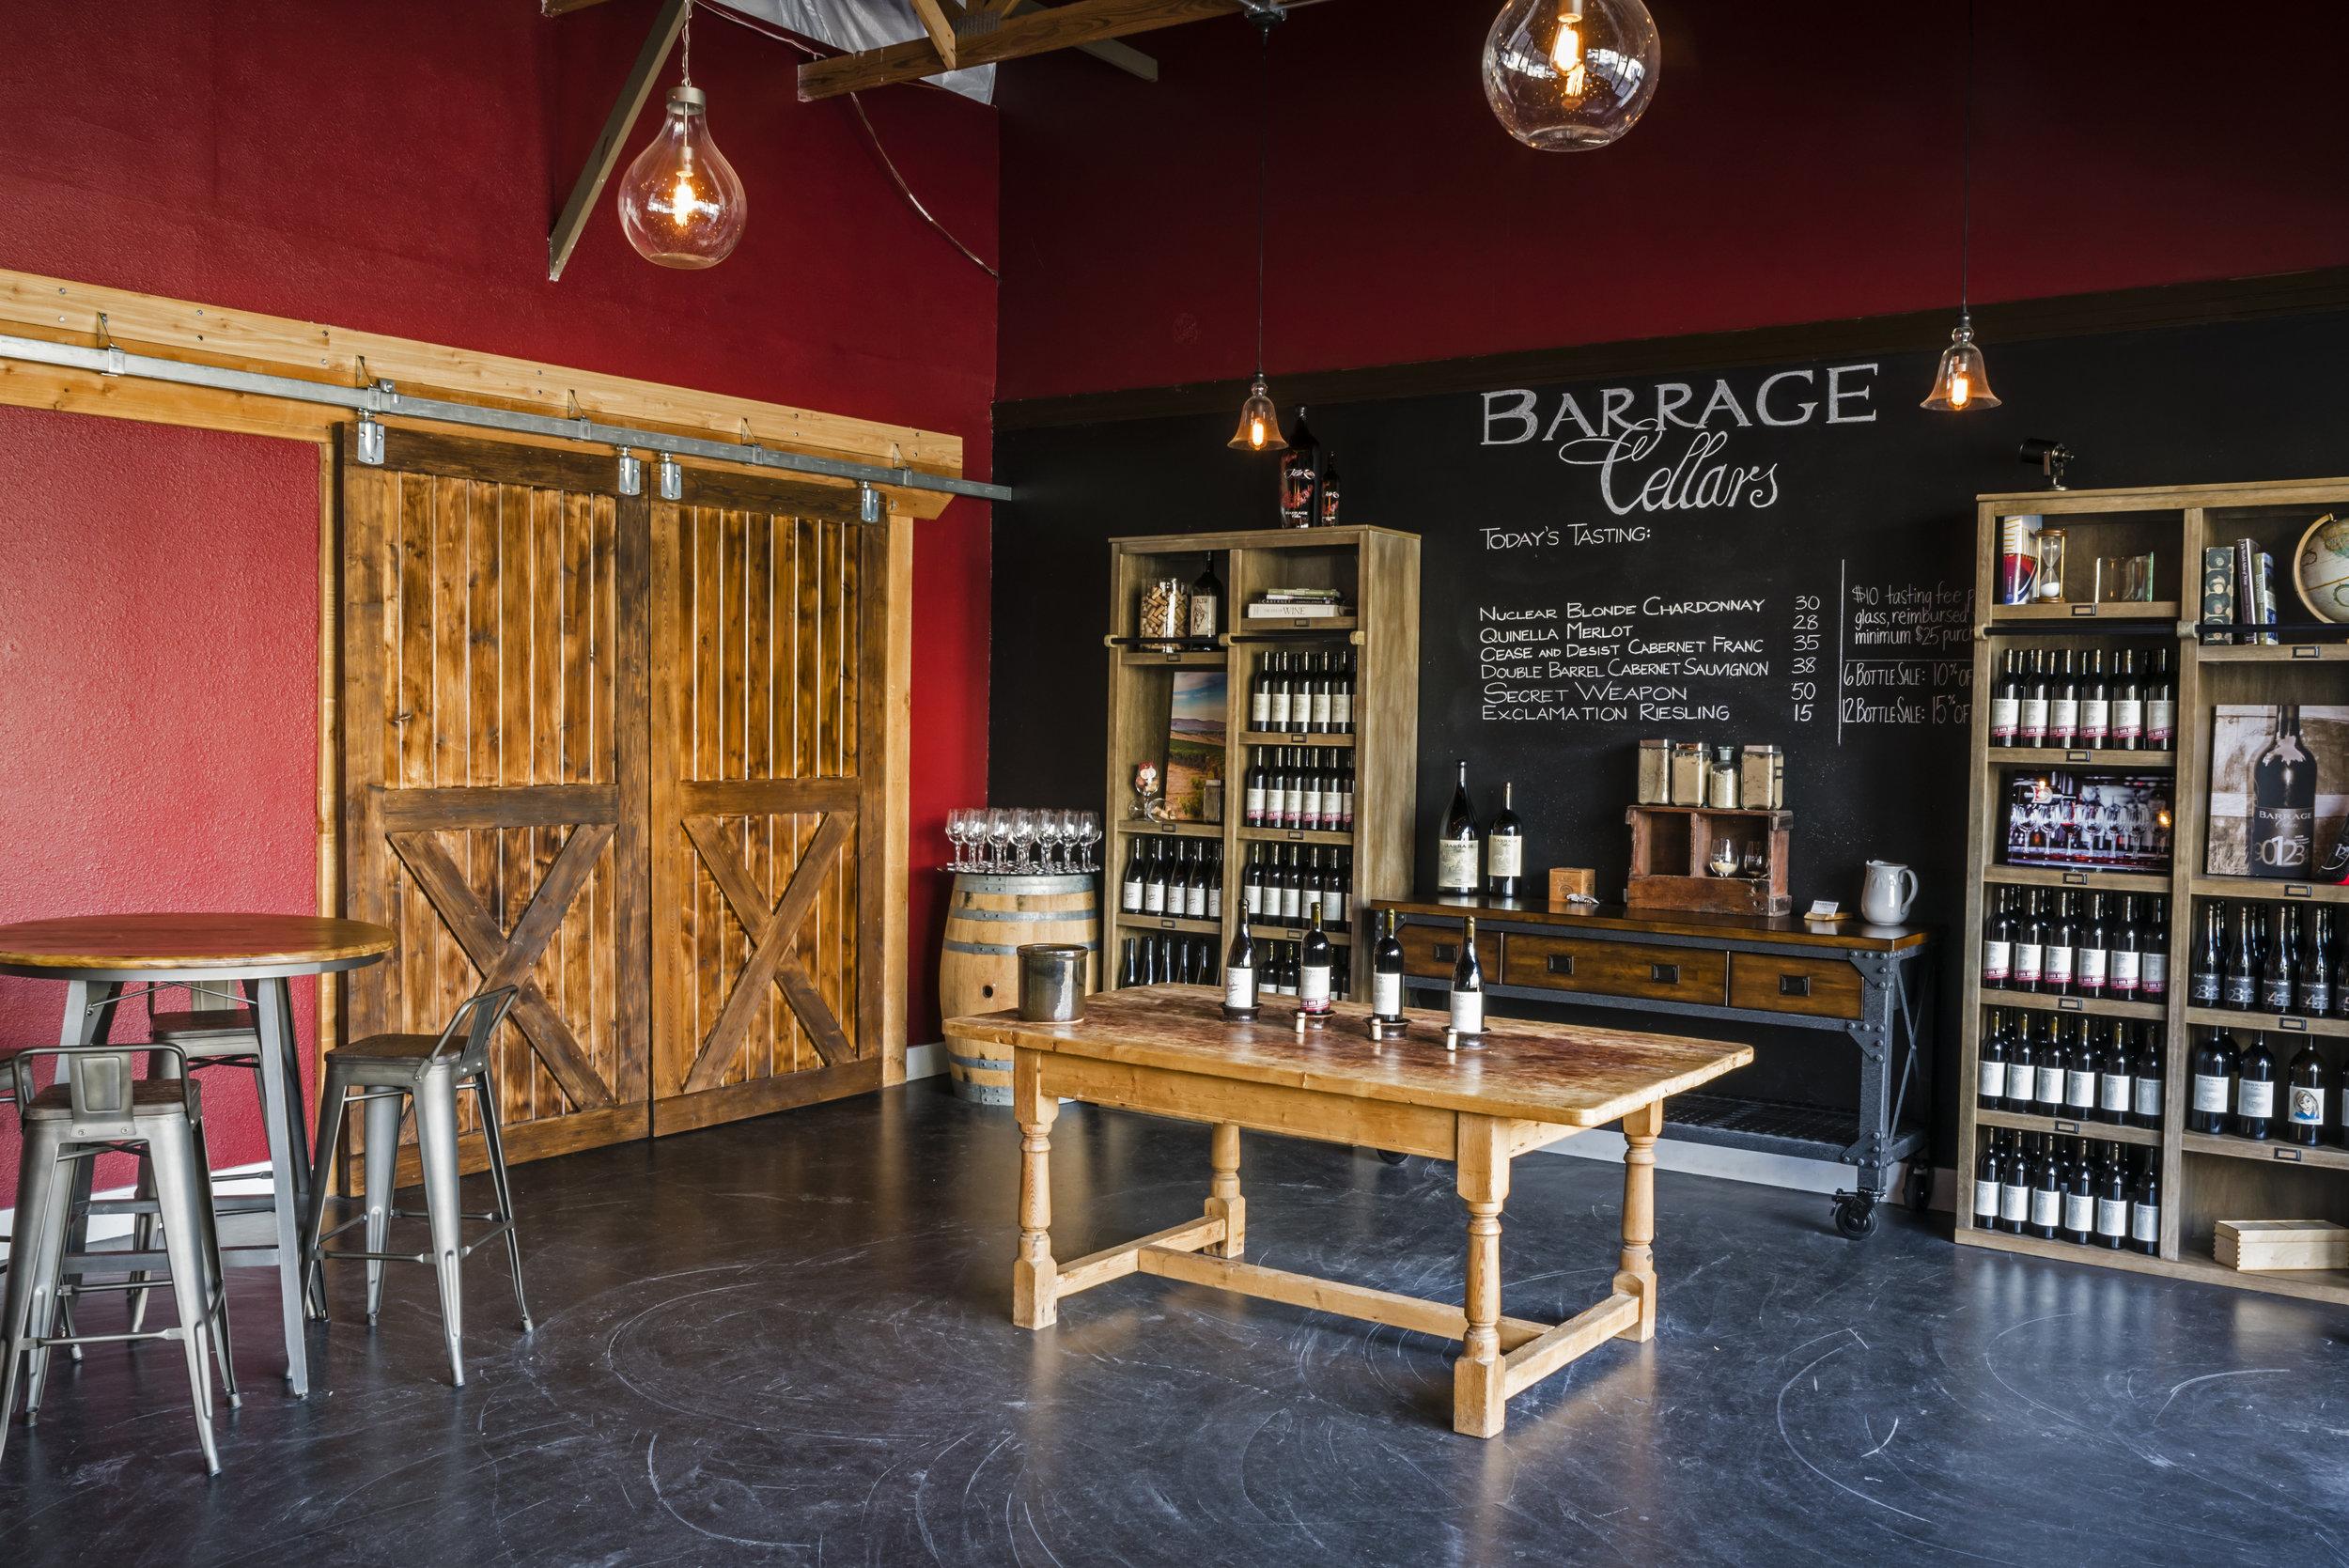 Barrage Cellars